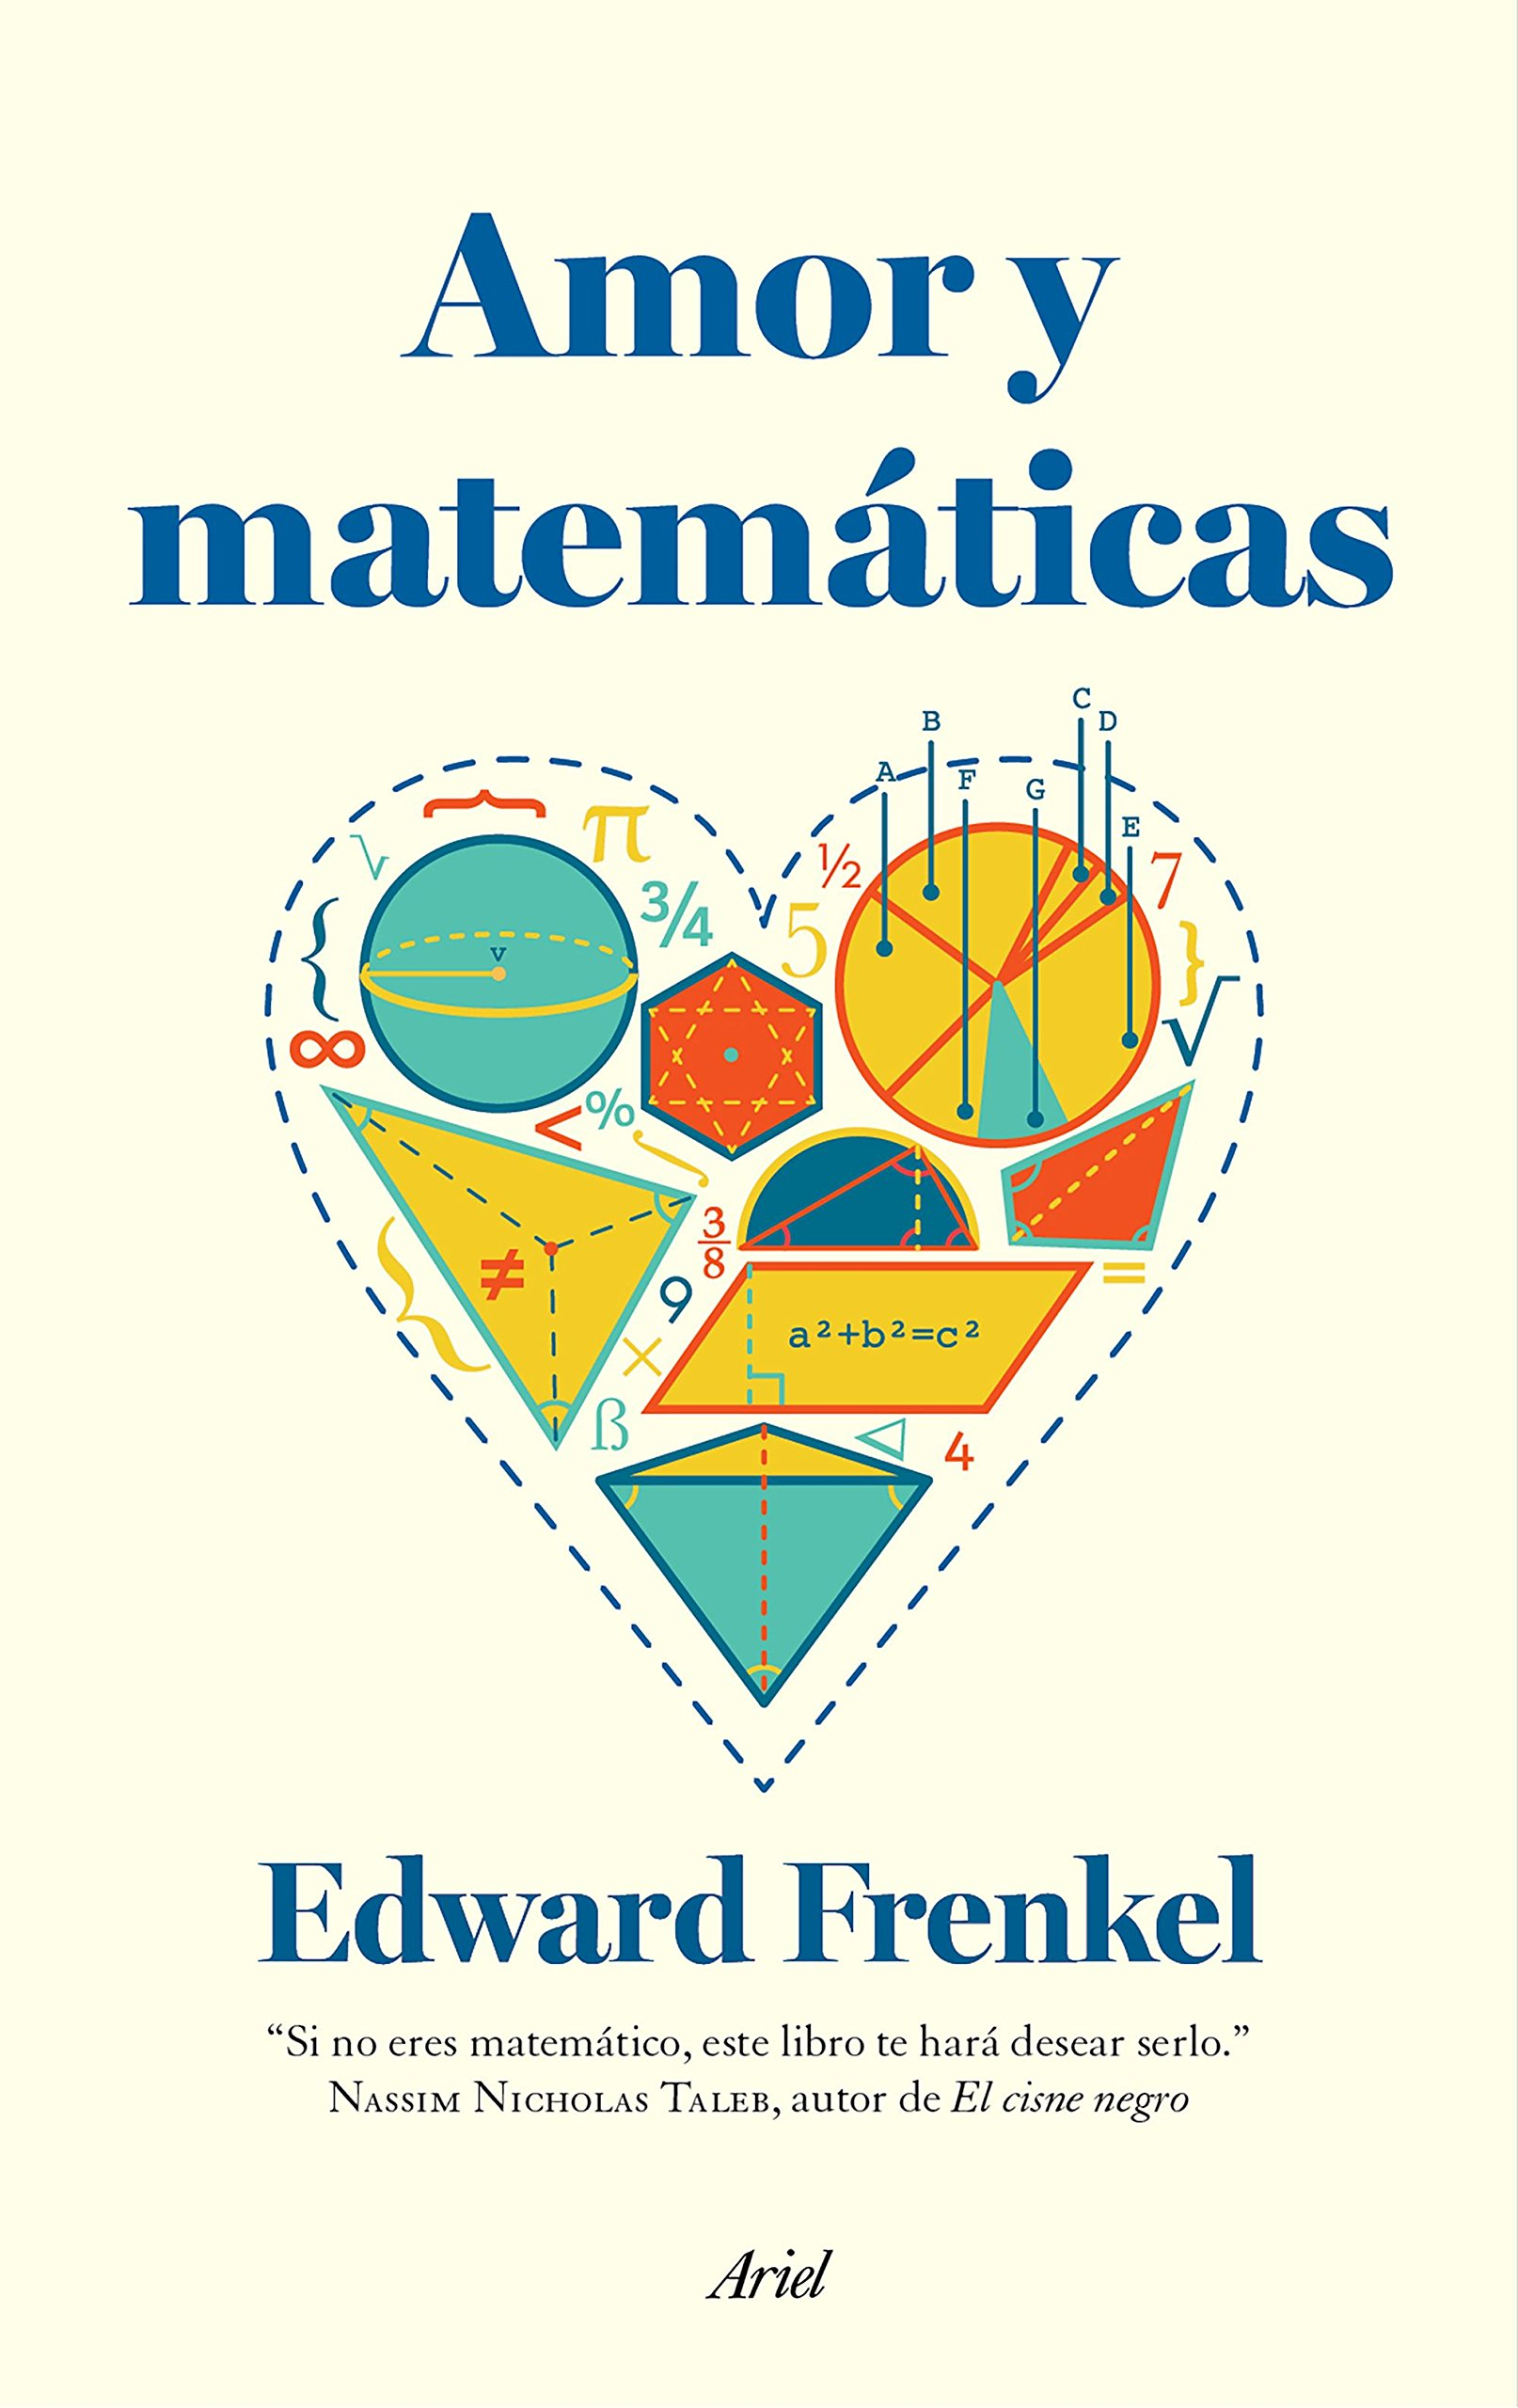 Amor y matemáticas: El corazón de la realidad oculta Ariel: Amazon.es: Edward Frenkel, Joan Andreano Weyland: Libros